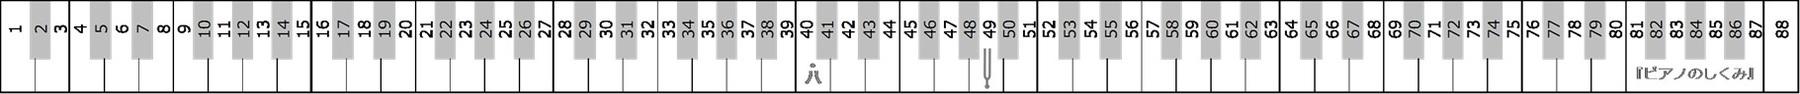 鍵盤番号ミニ.jpg